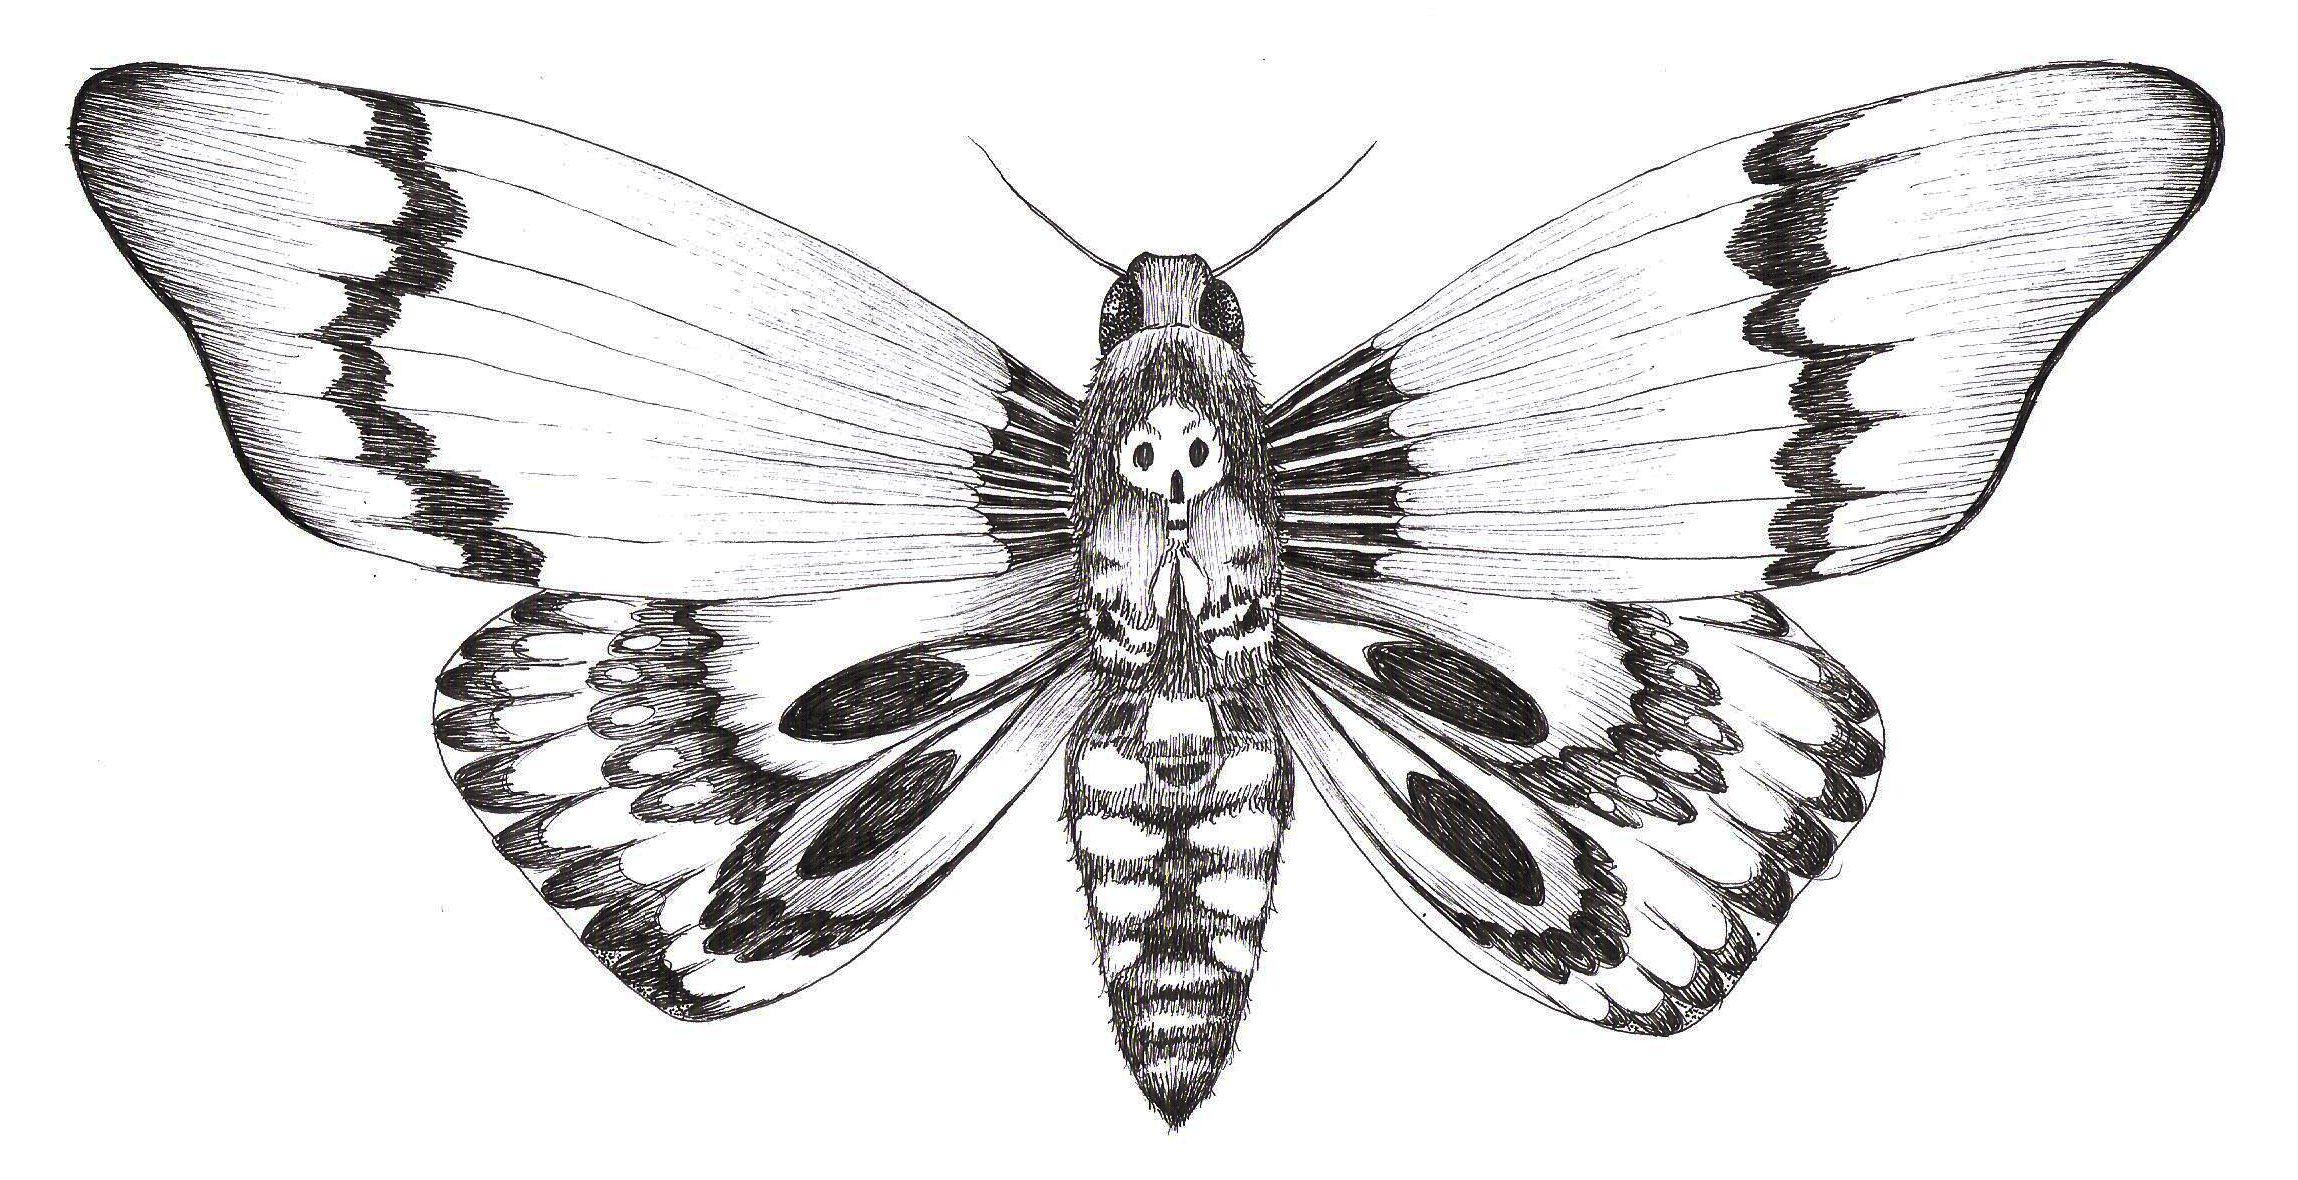 Dessin d 39 un papillon sphinx t te de mort drawing of a butterfly death 39 s head moth l 39 amour des - Dessin d un papillon ...